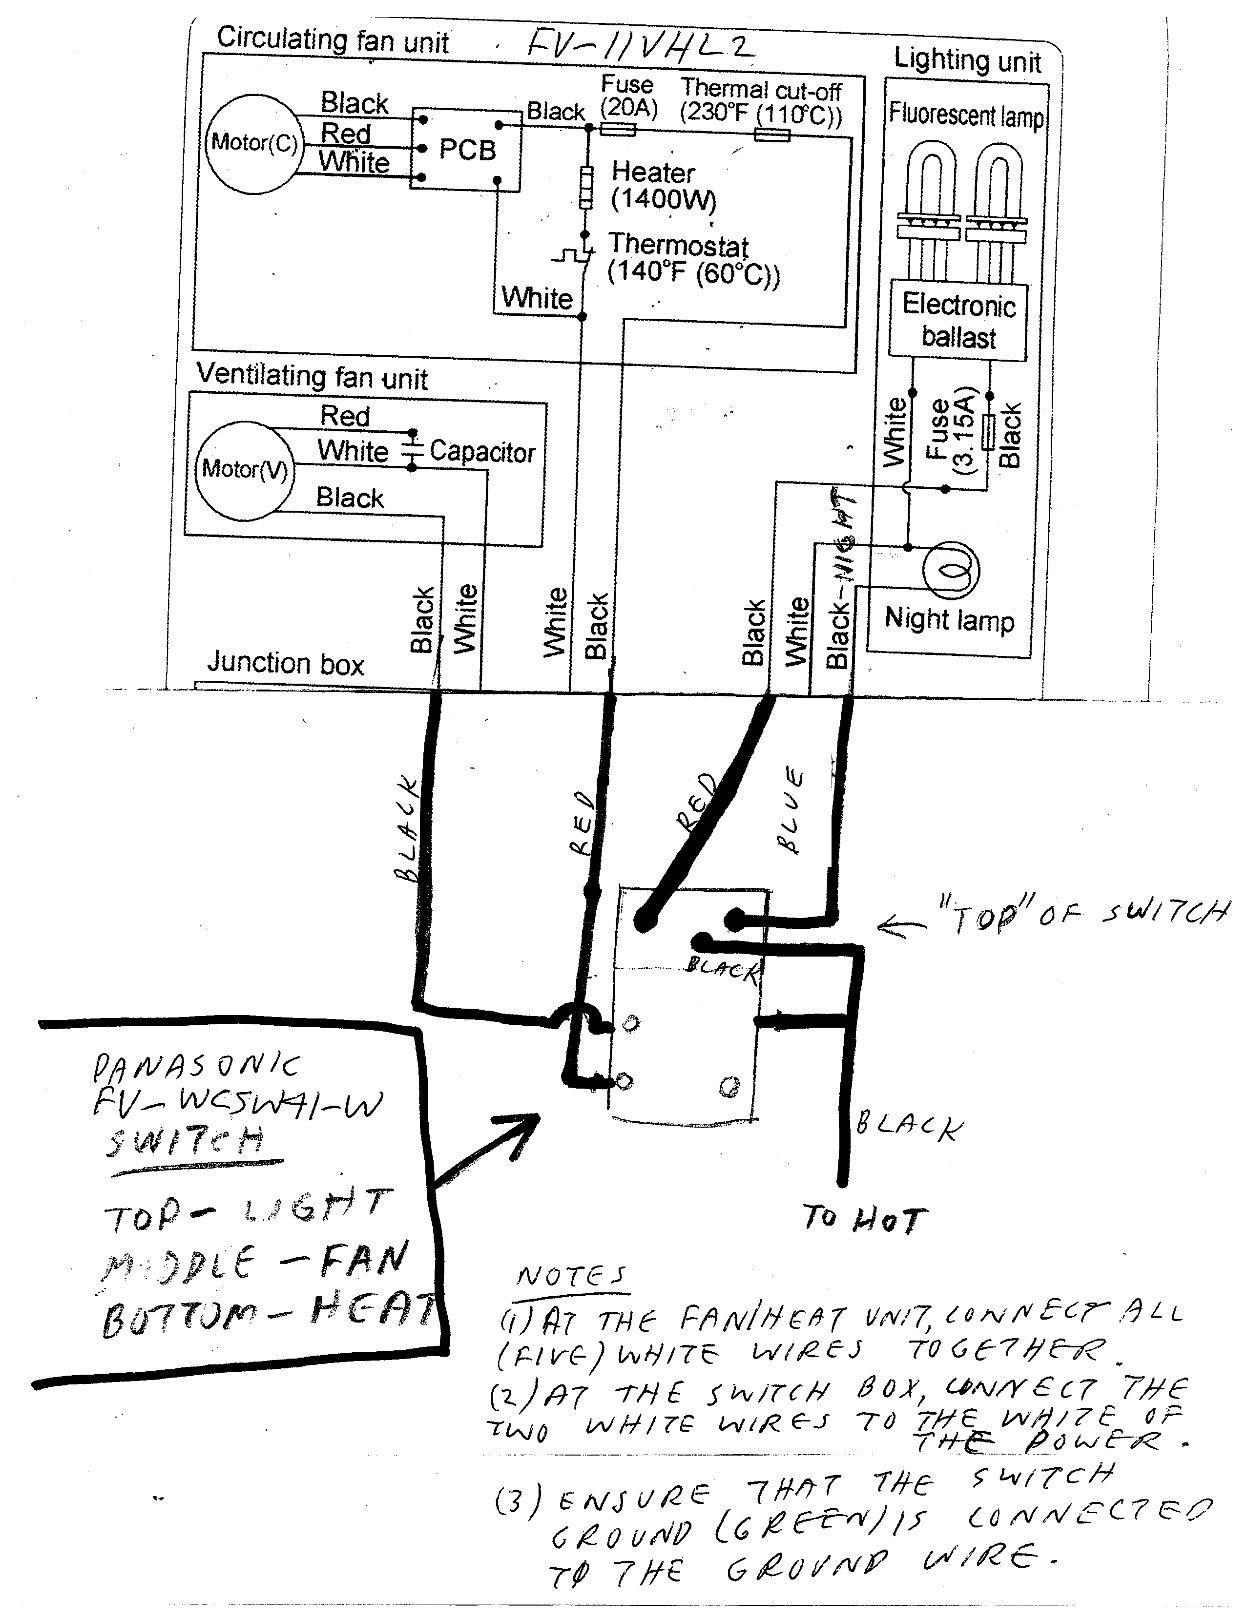 medium resolution of wiring bath fan wiring diagram databasewiring diagram bathroom fan and light wiring diagram database wiring exhaust